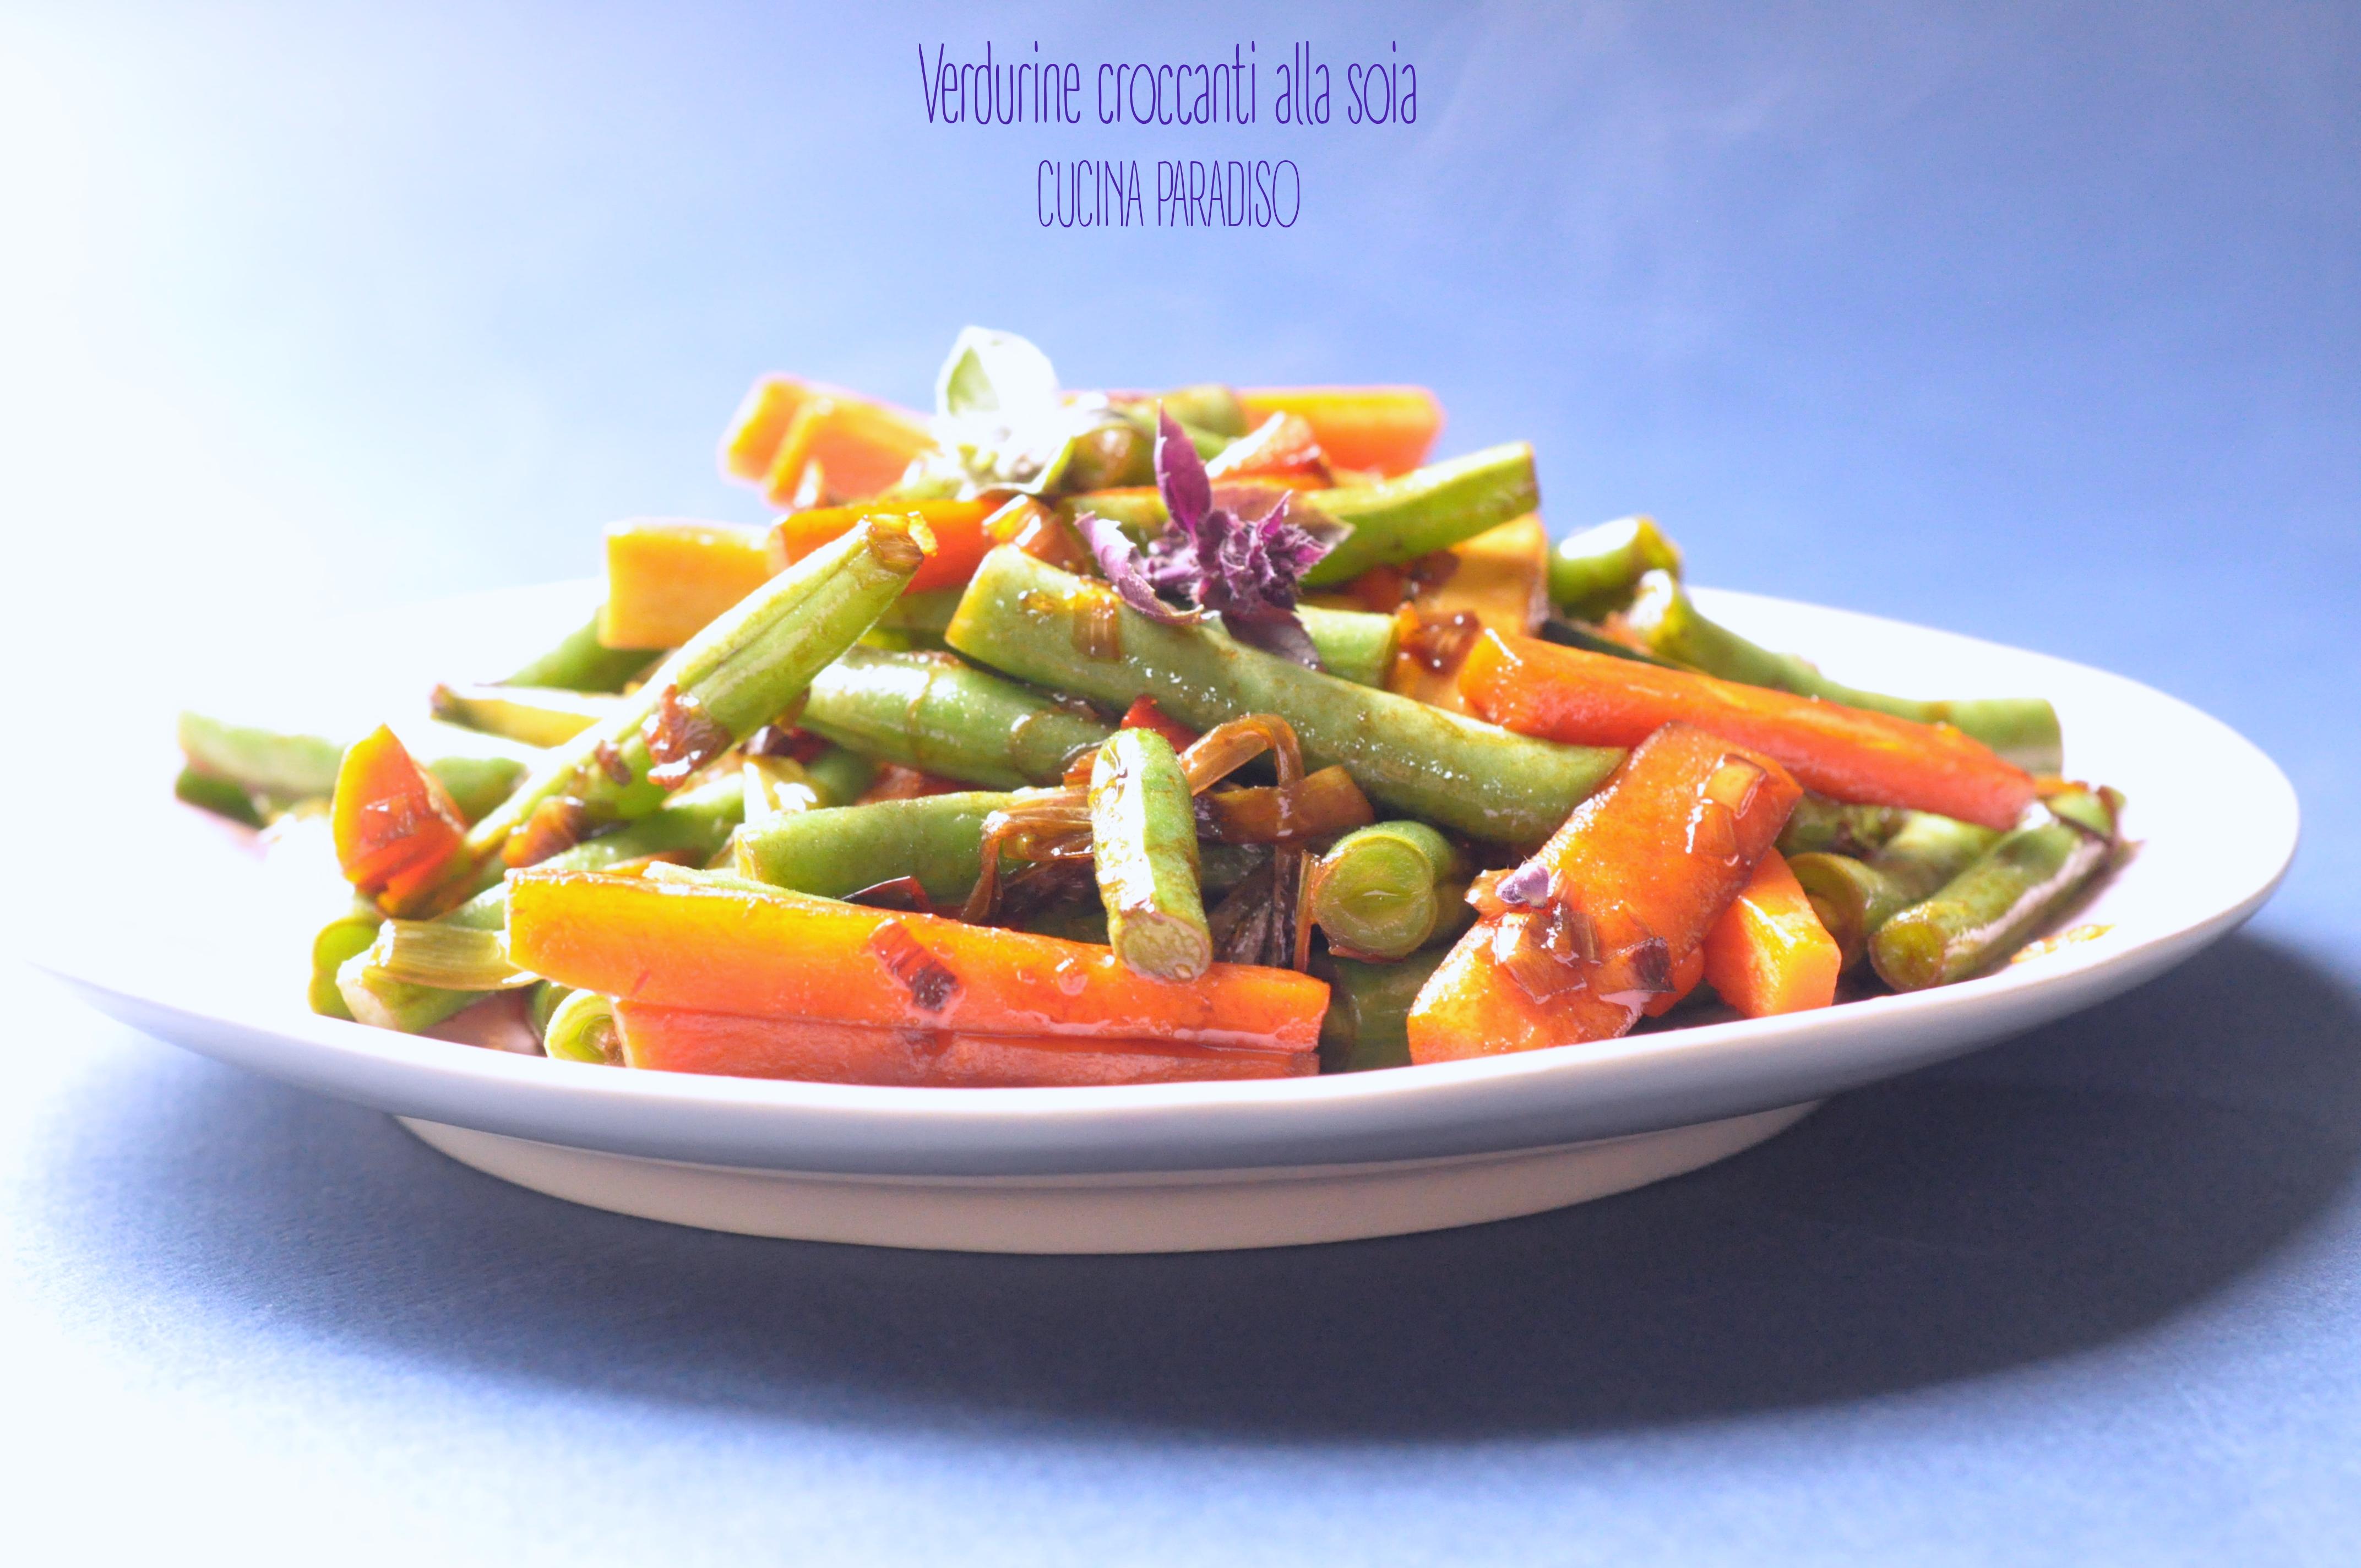 verdurine-croccanti-alla-soia2